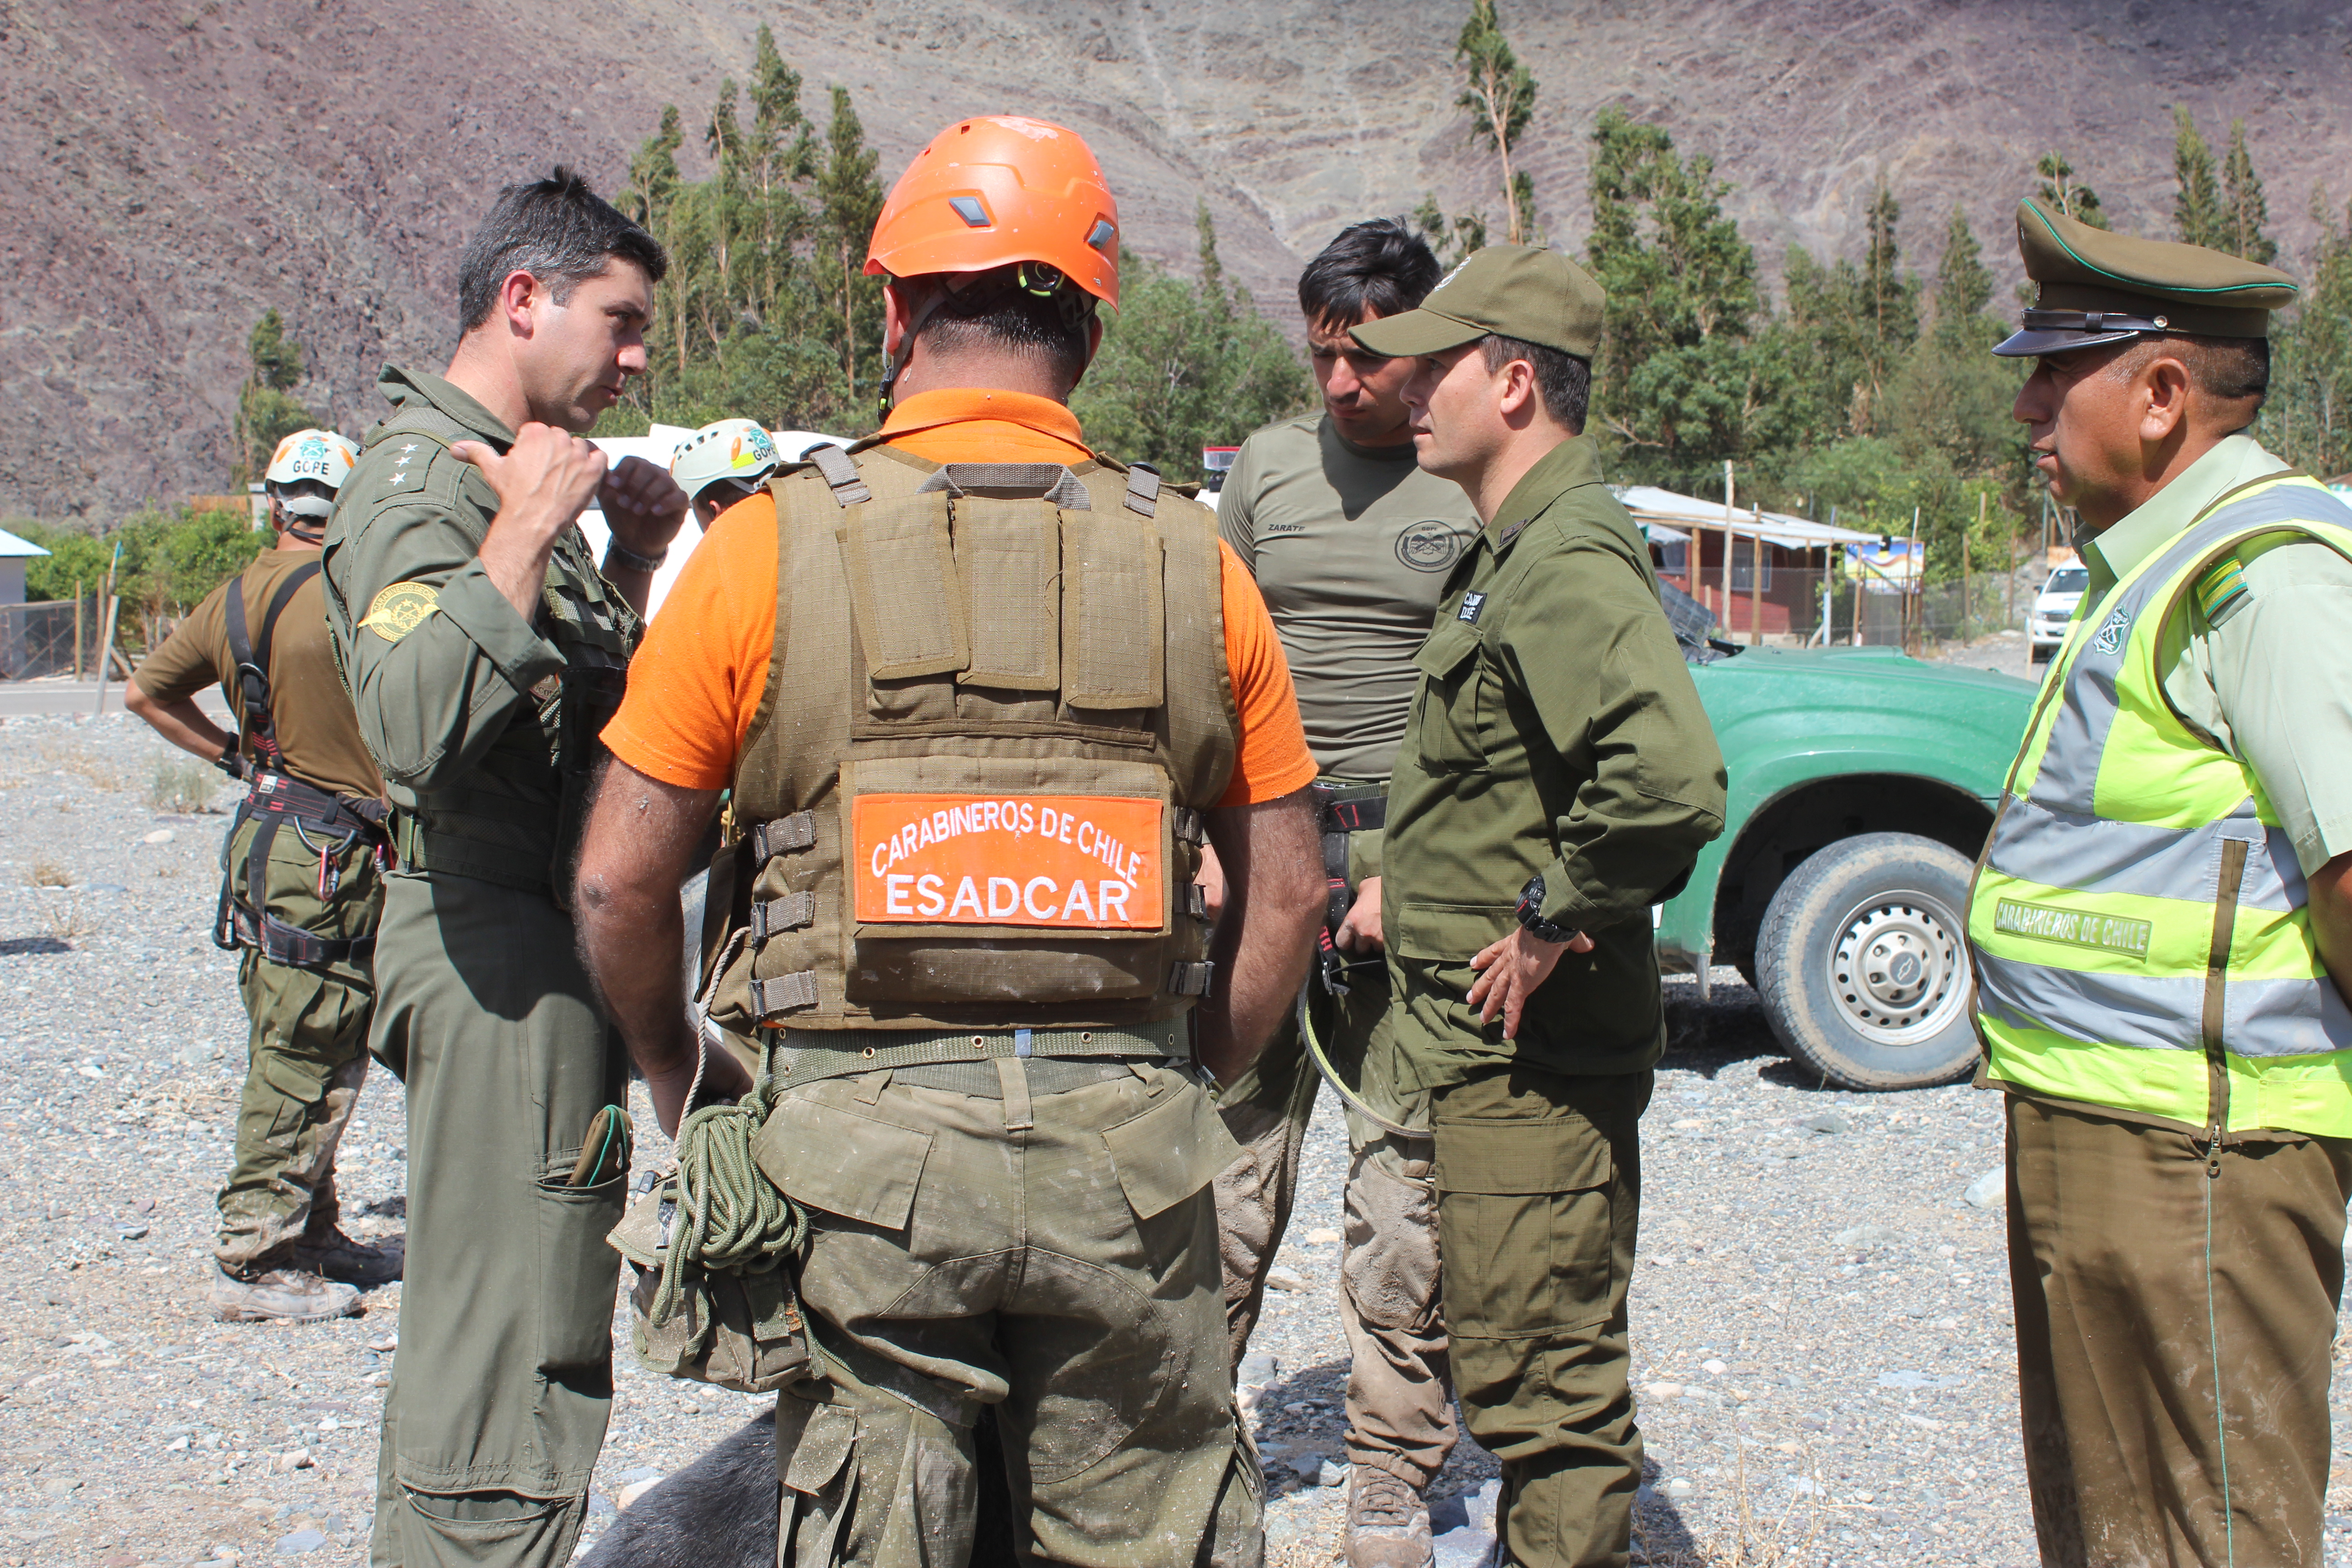 Destacan labor de Carabineros en la provincia del Huasco